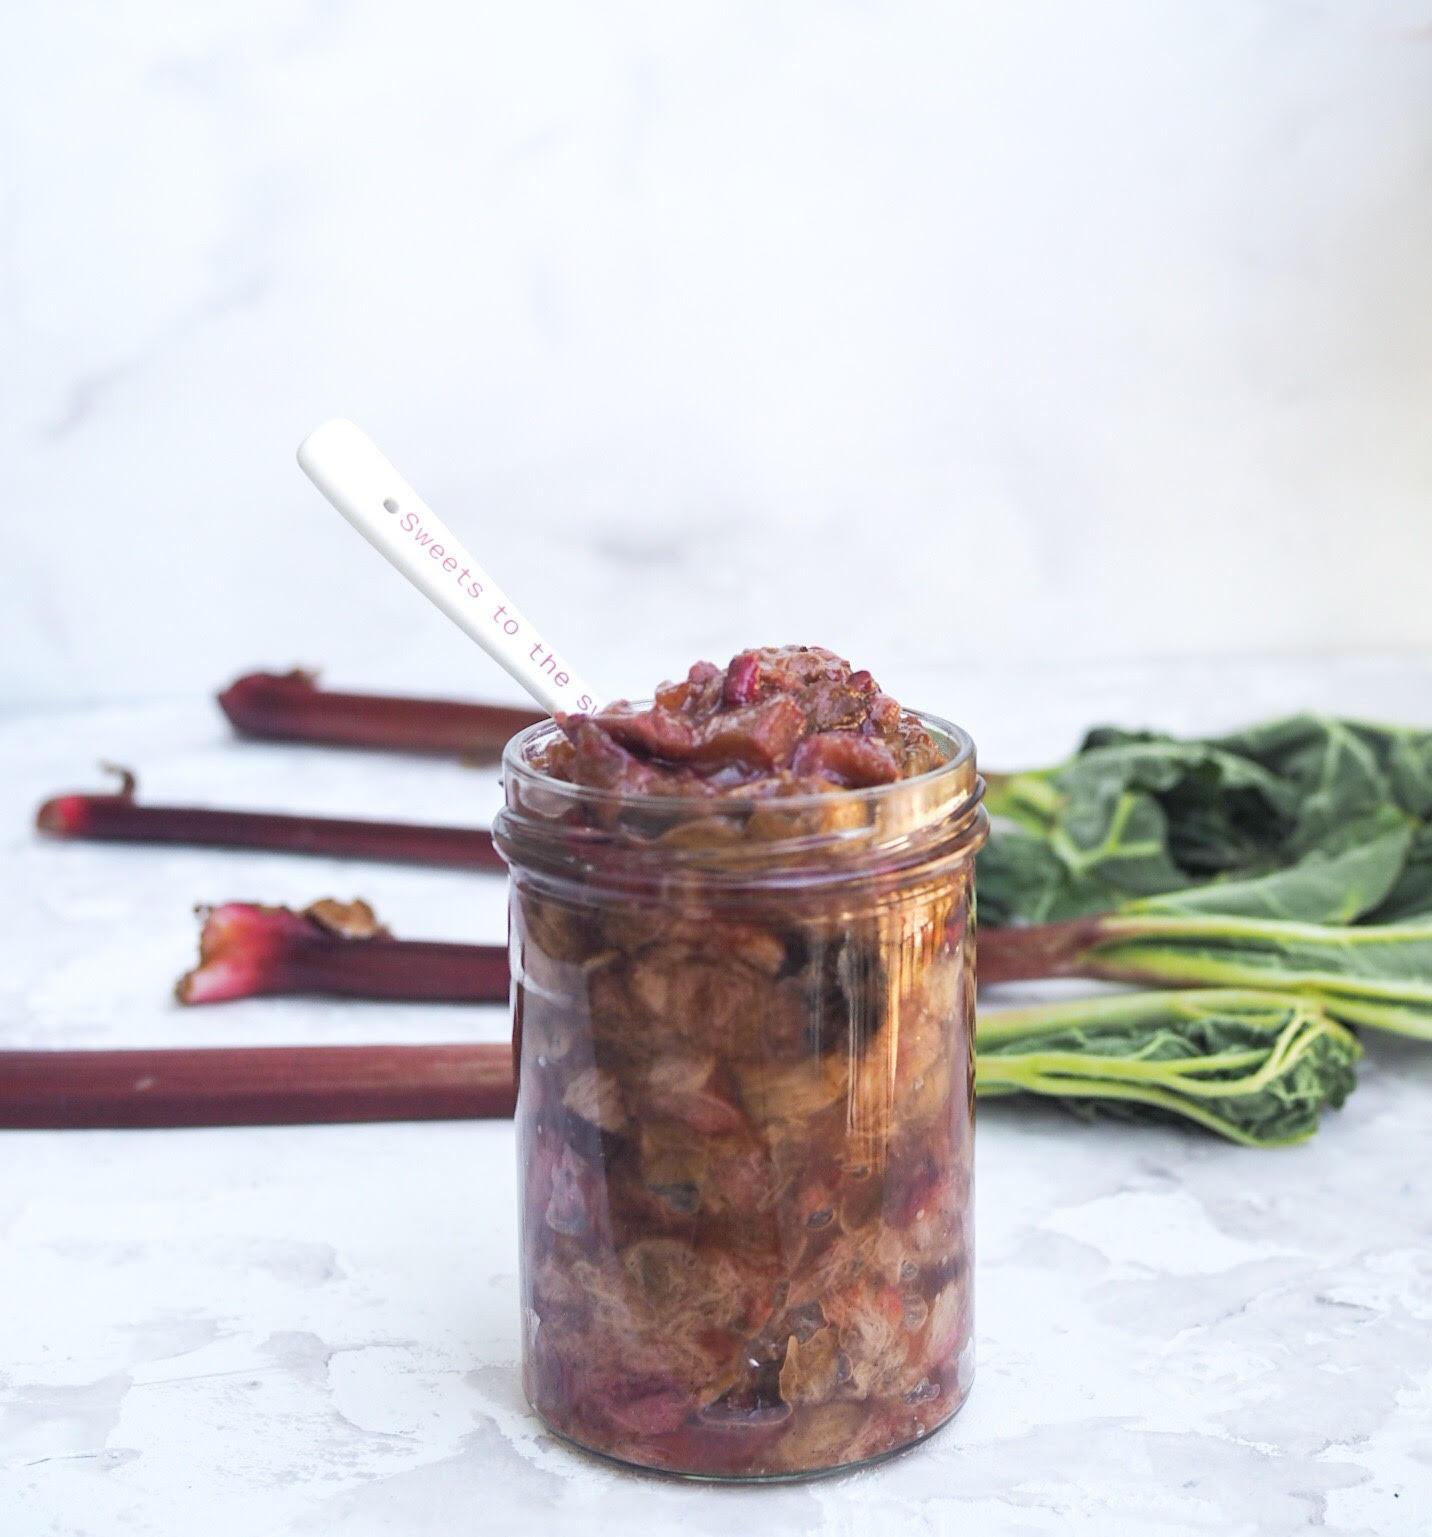 Opskrift på rabarberkompot med ingefær i ovn. Syltetøjsglas med kompot og rabarber i baggrunden. Hvid baggrund